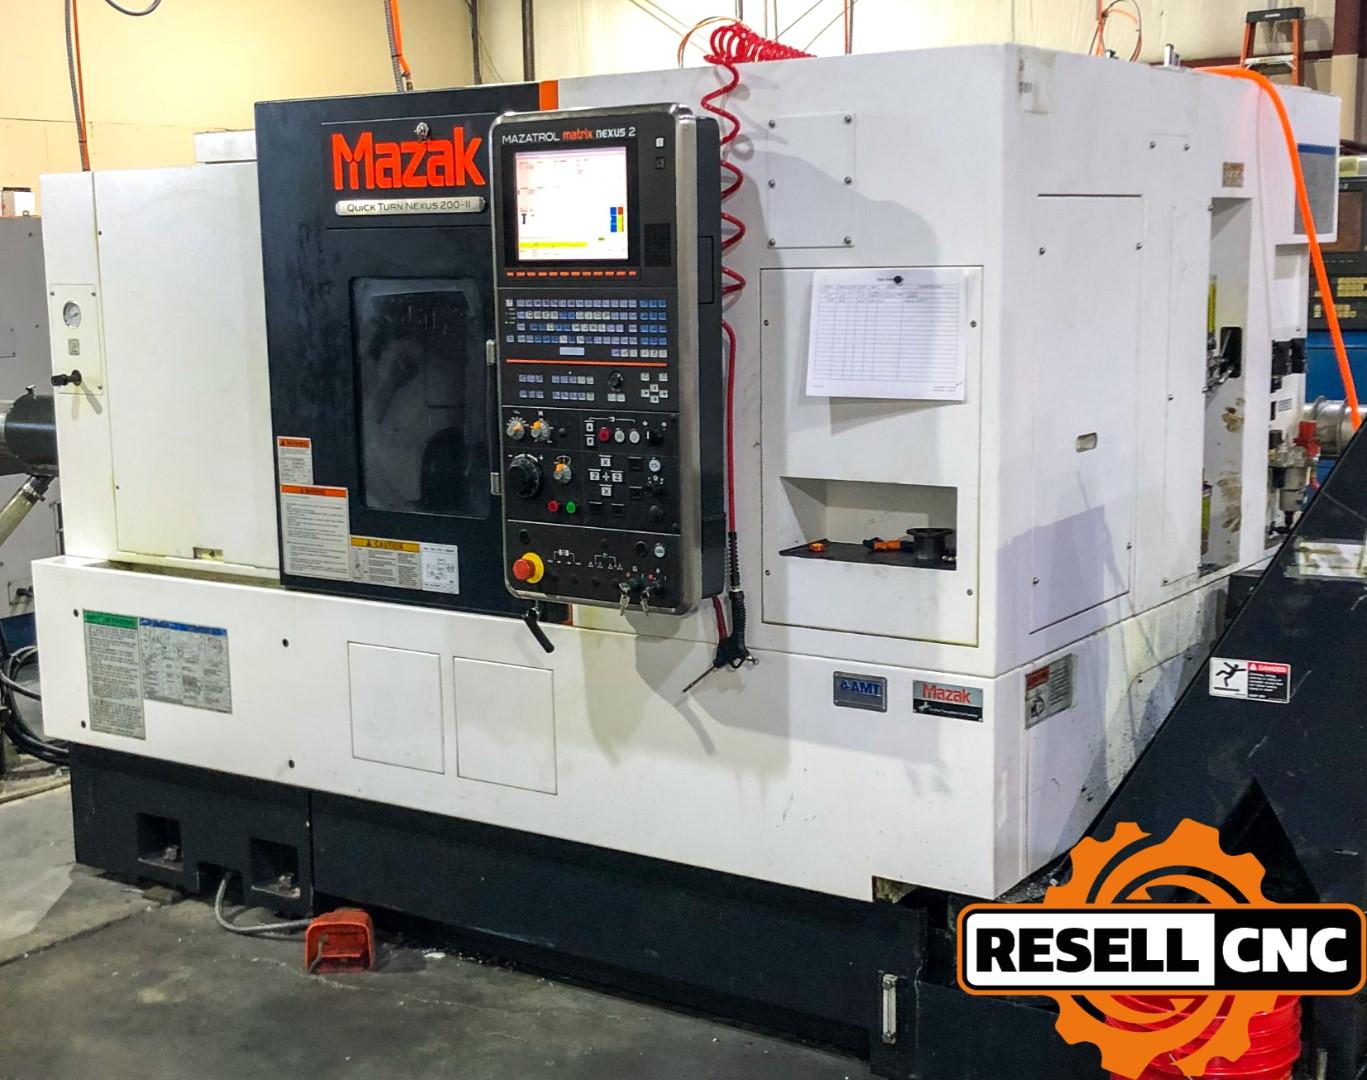 Used CNC Lathe - Used CNC Lathes & Used Mazak | Resell CNC